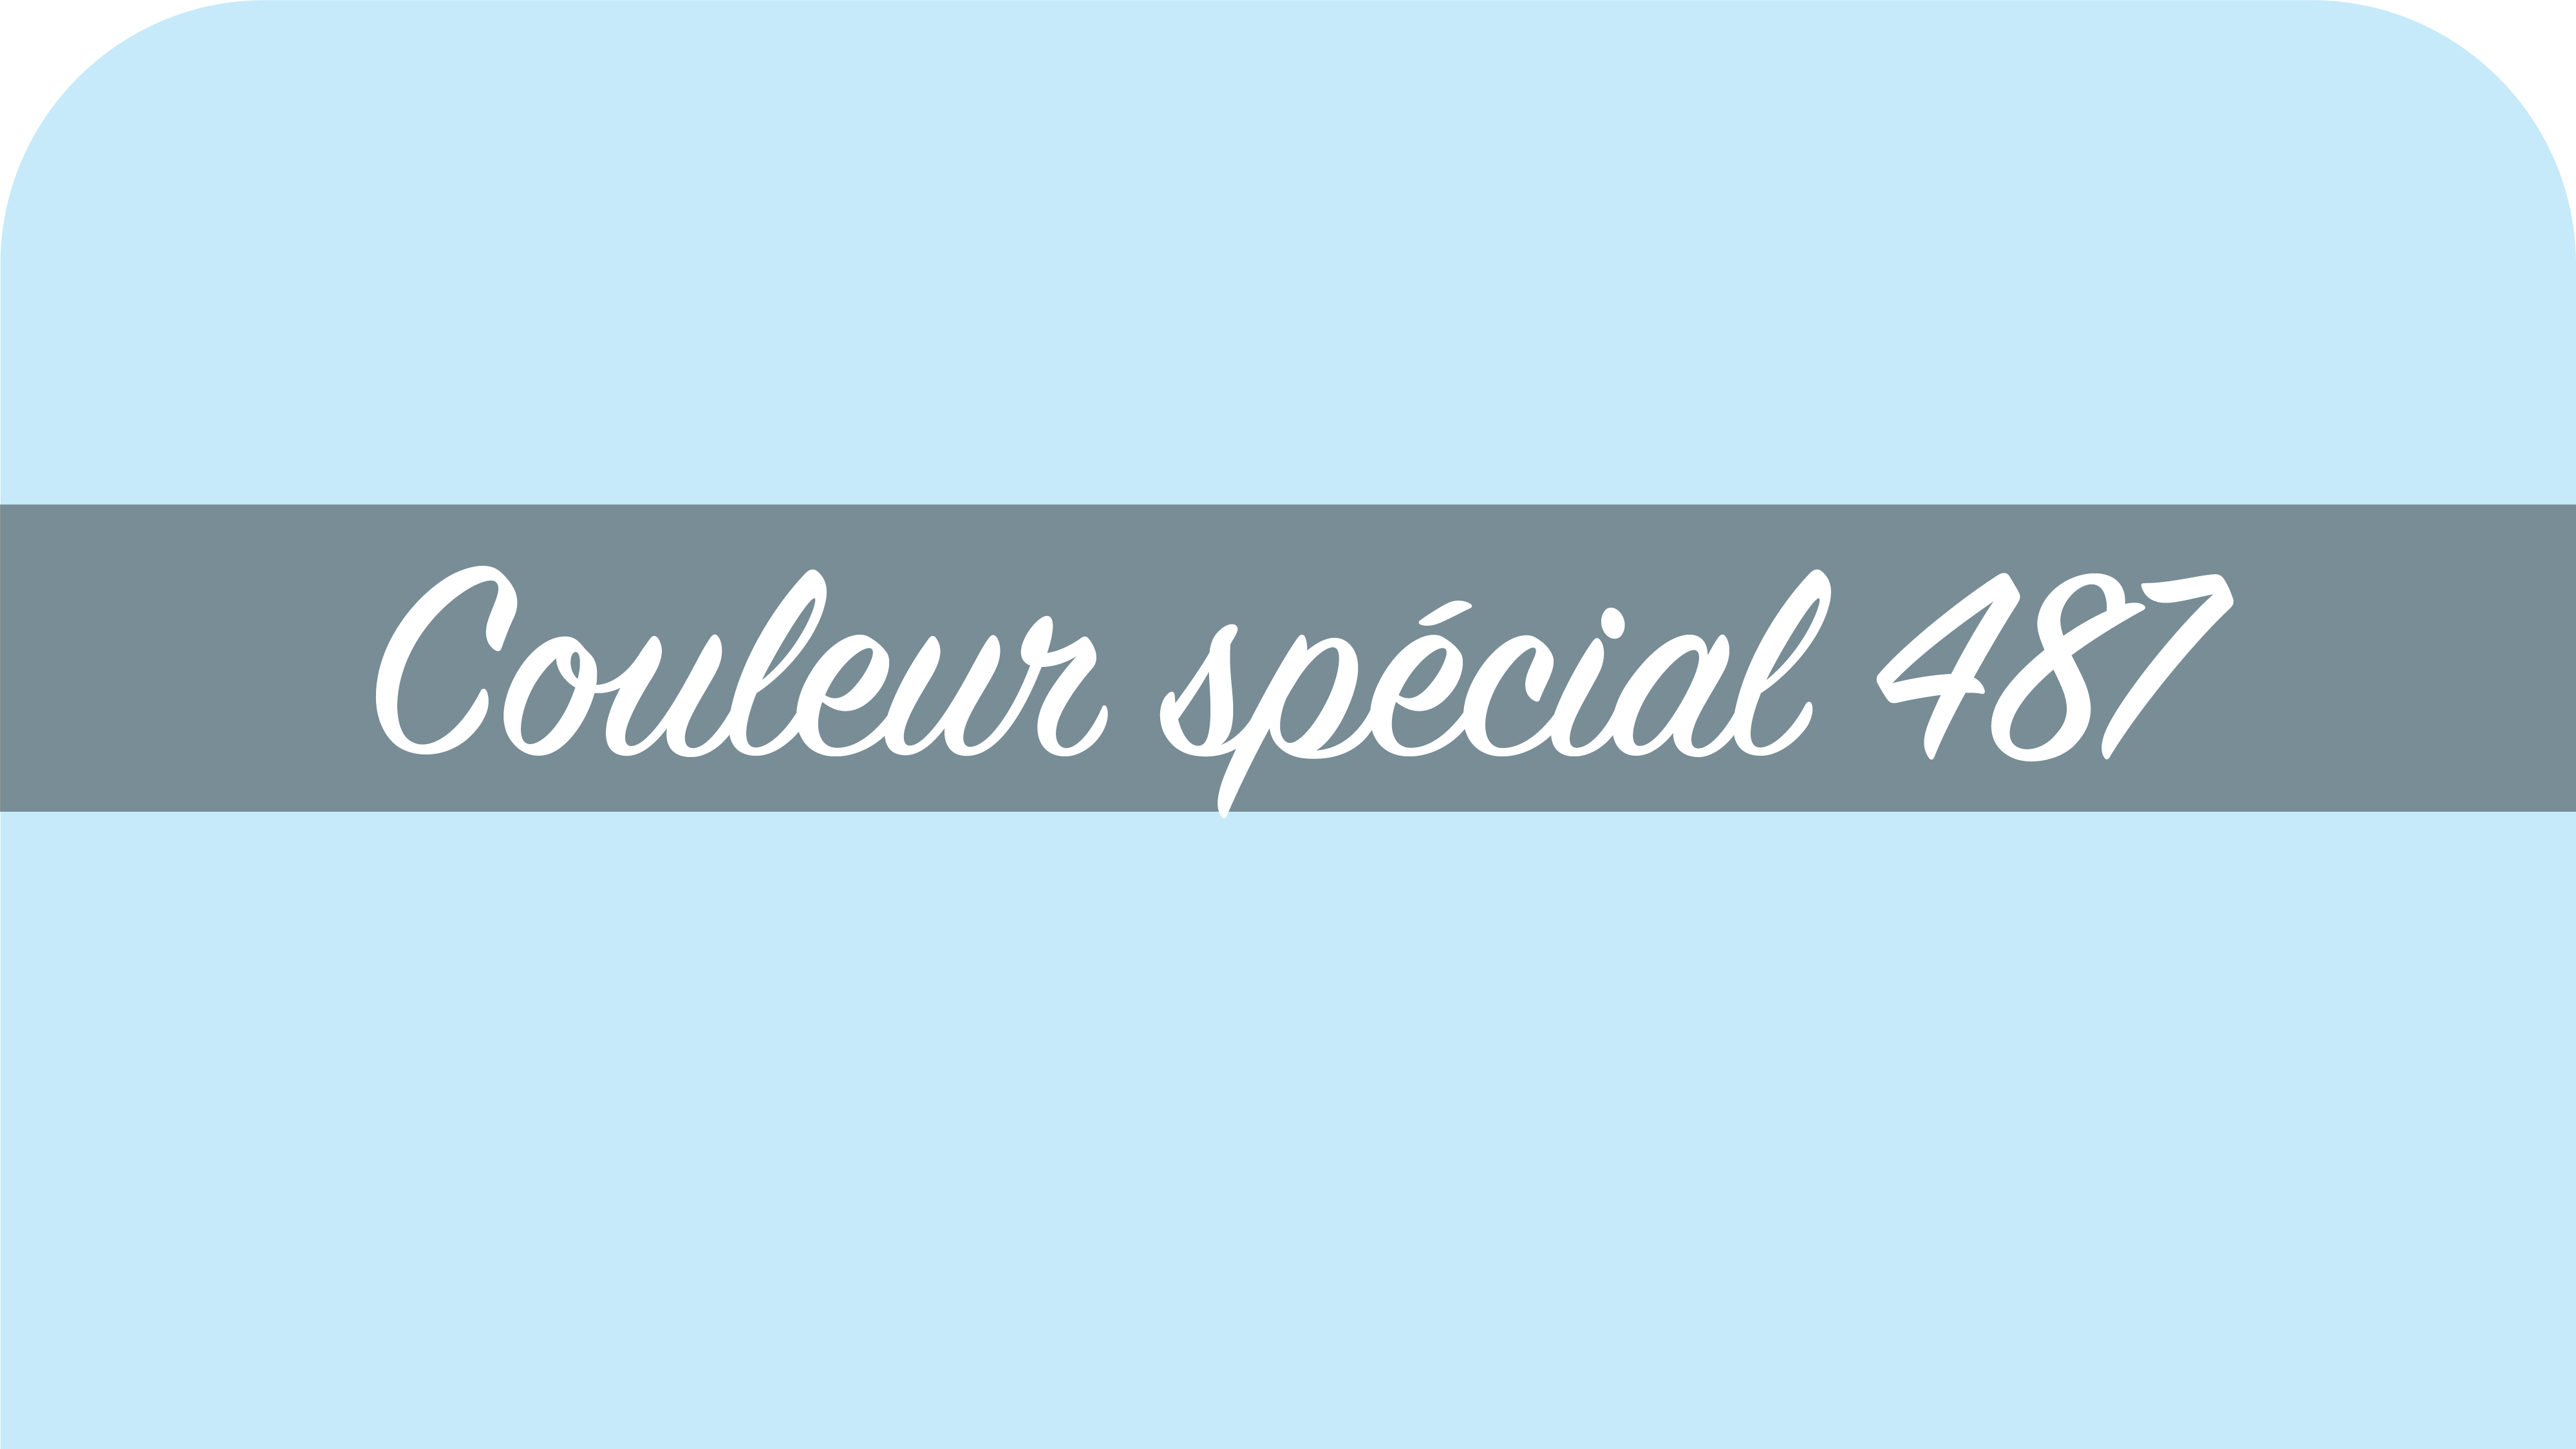 couleur-special-487